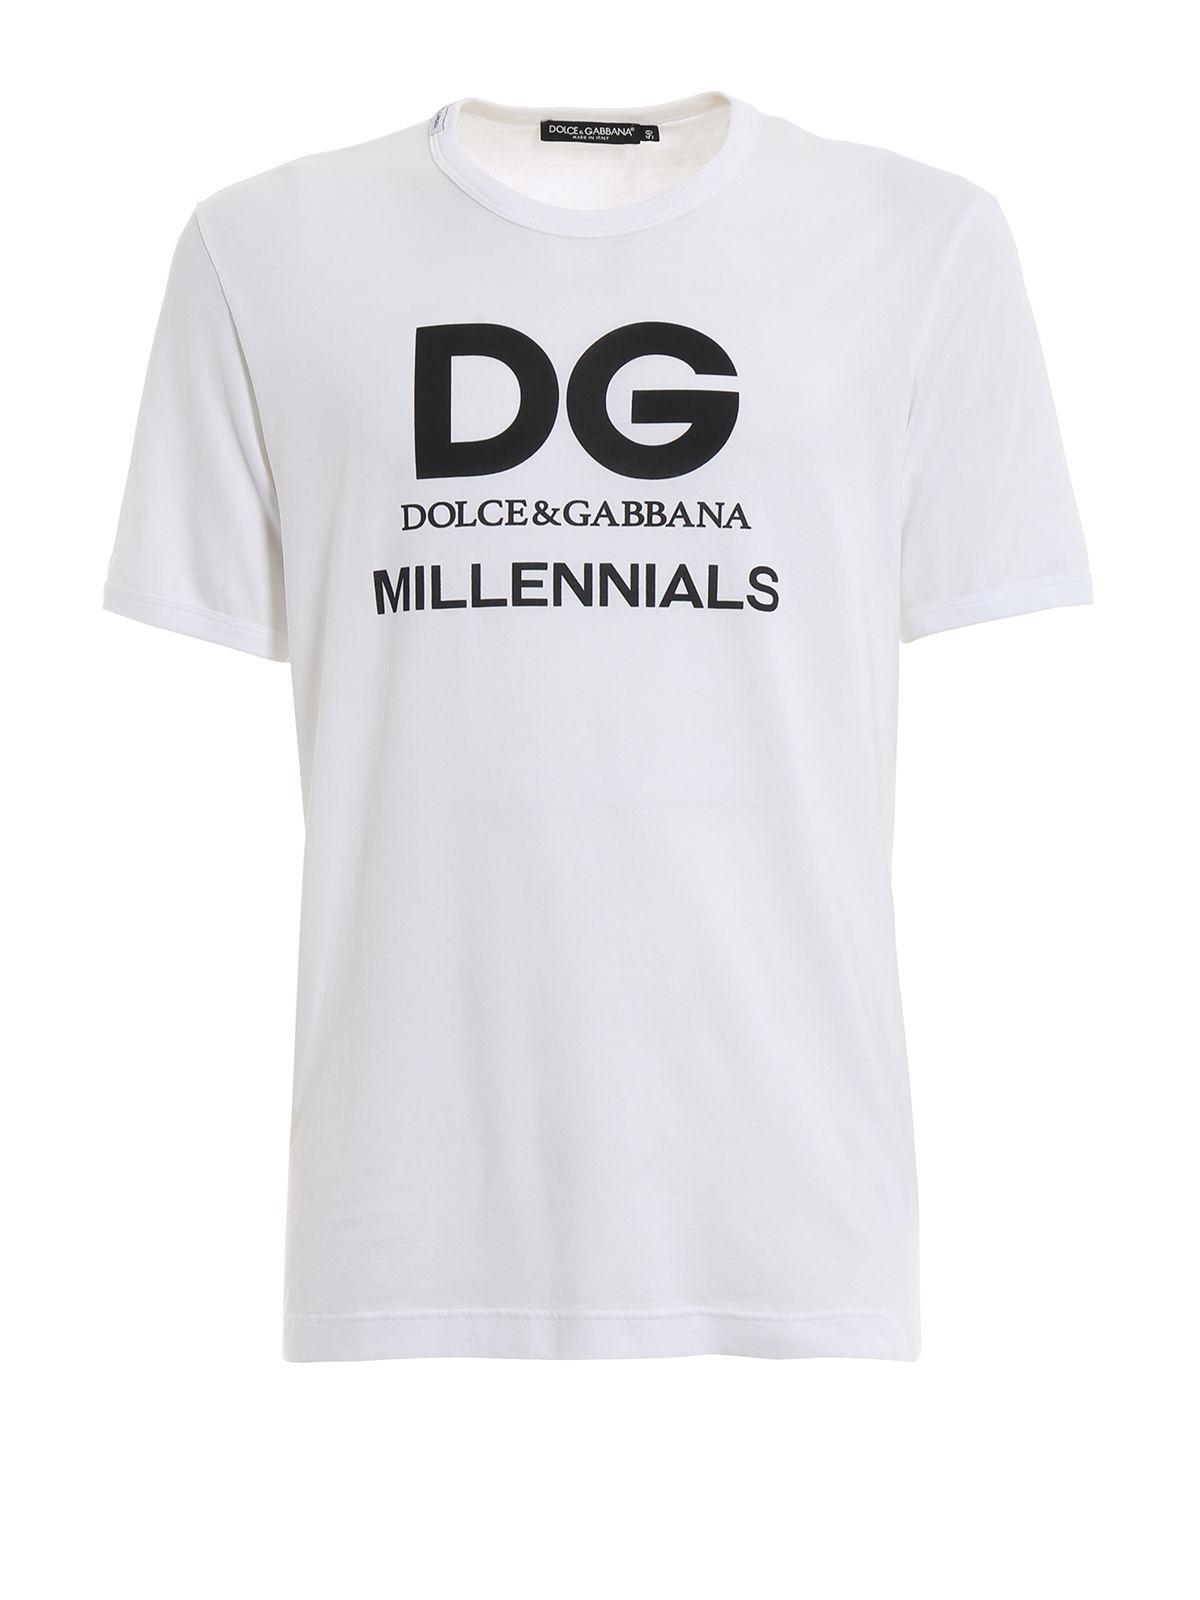 5b627f4e5 Lyst - Dolce & Gabbana T-shirt in White for Men